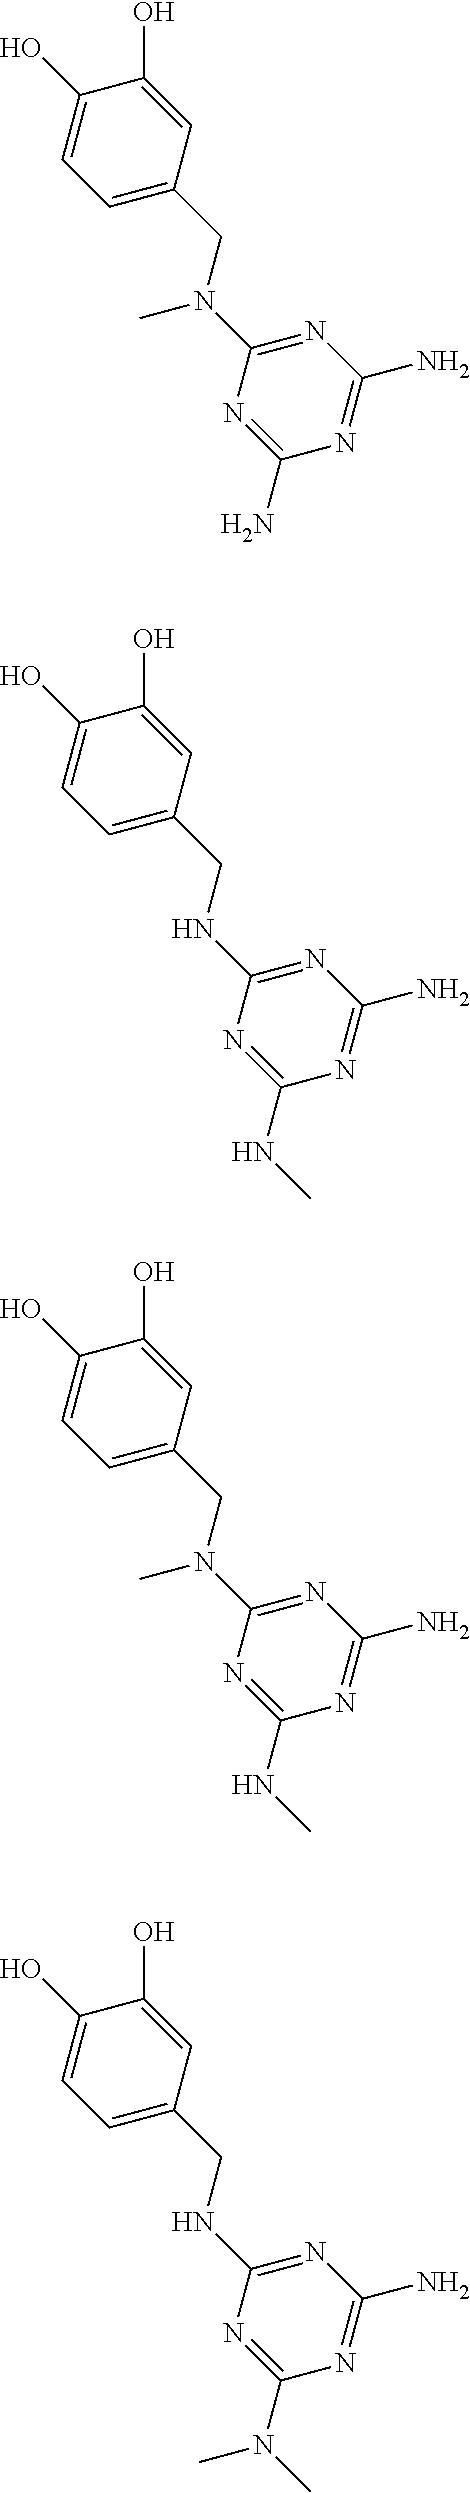 Figure US09480663-20161101-C00116